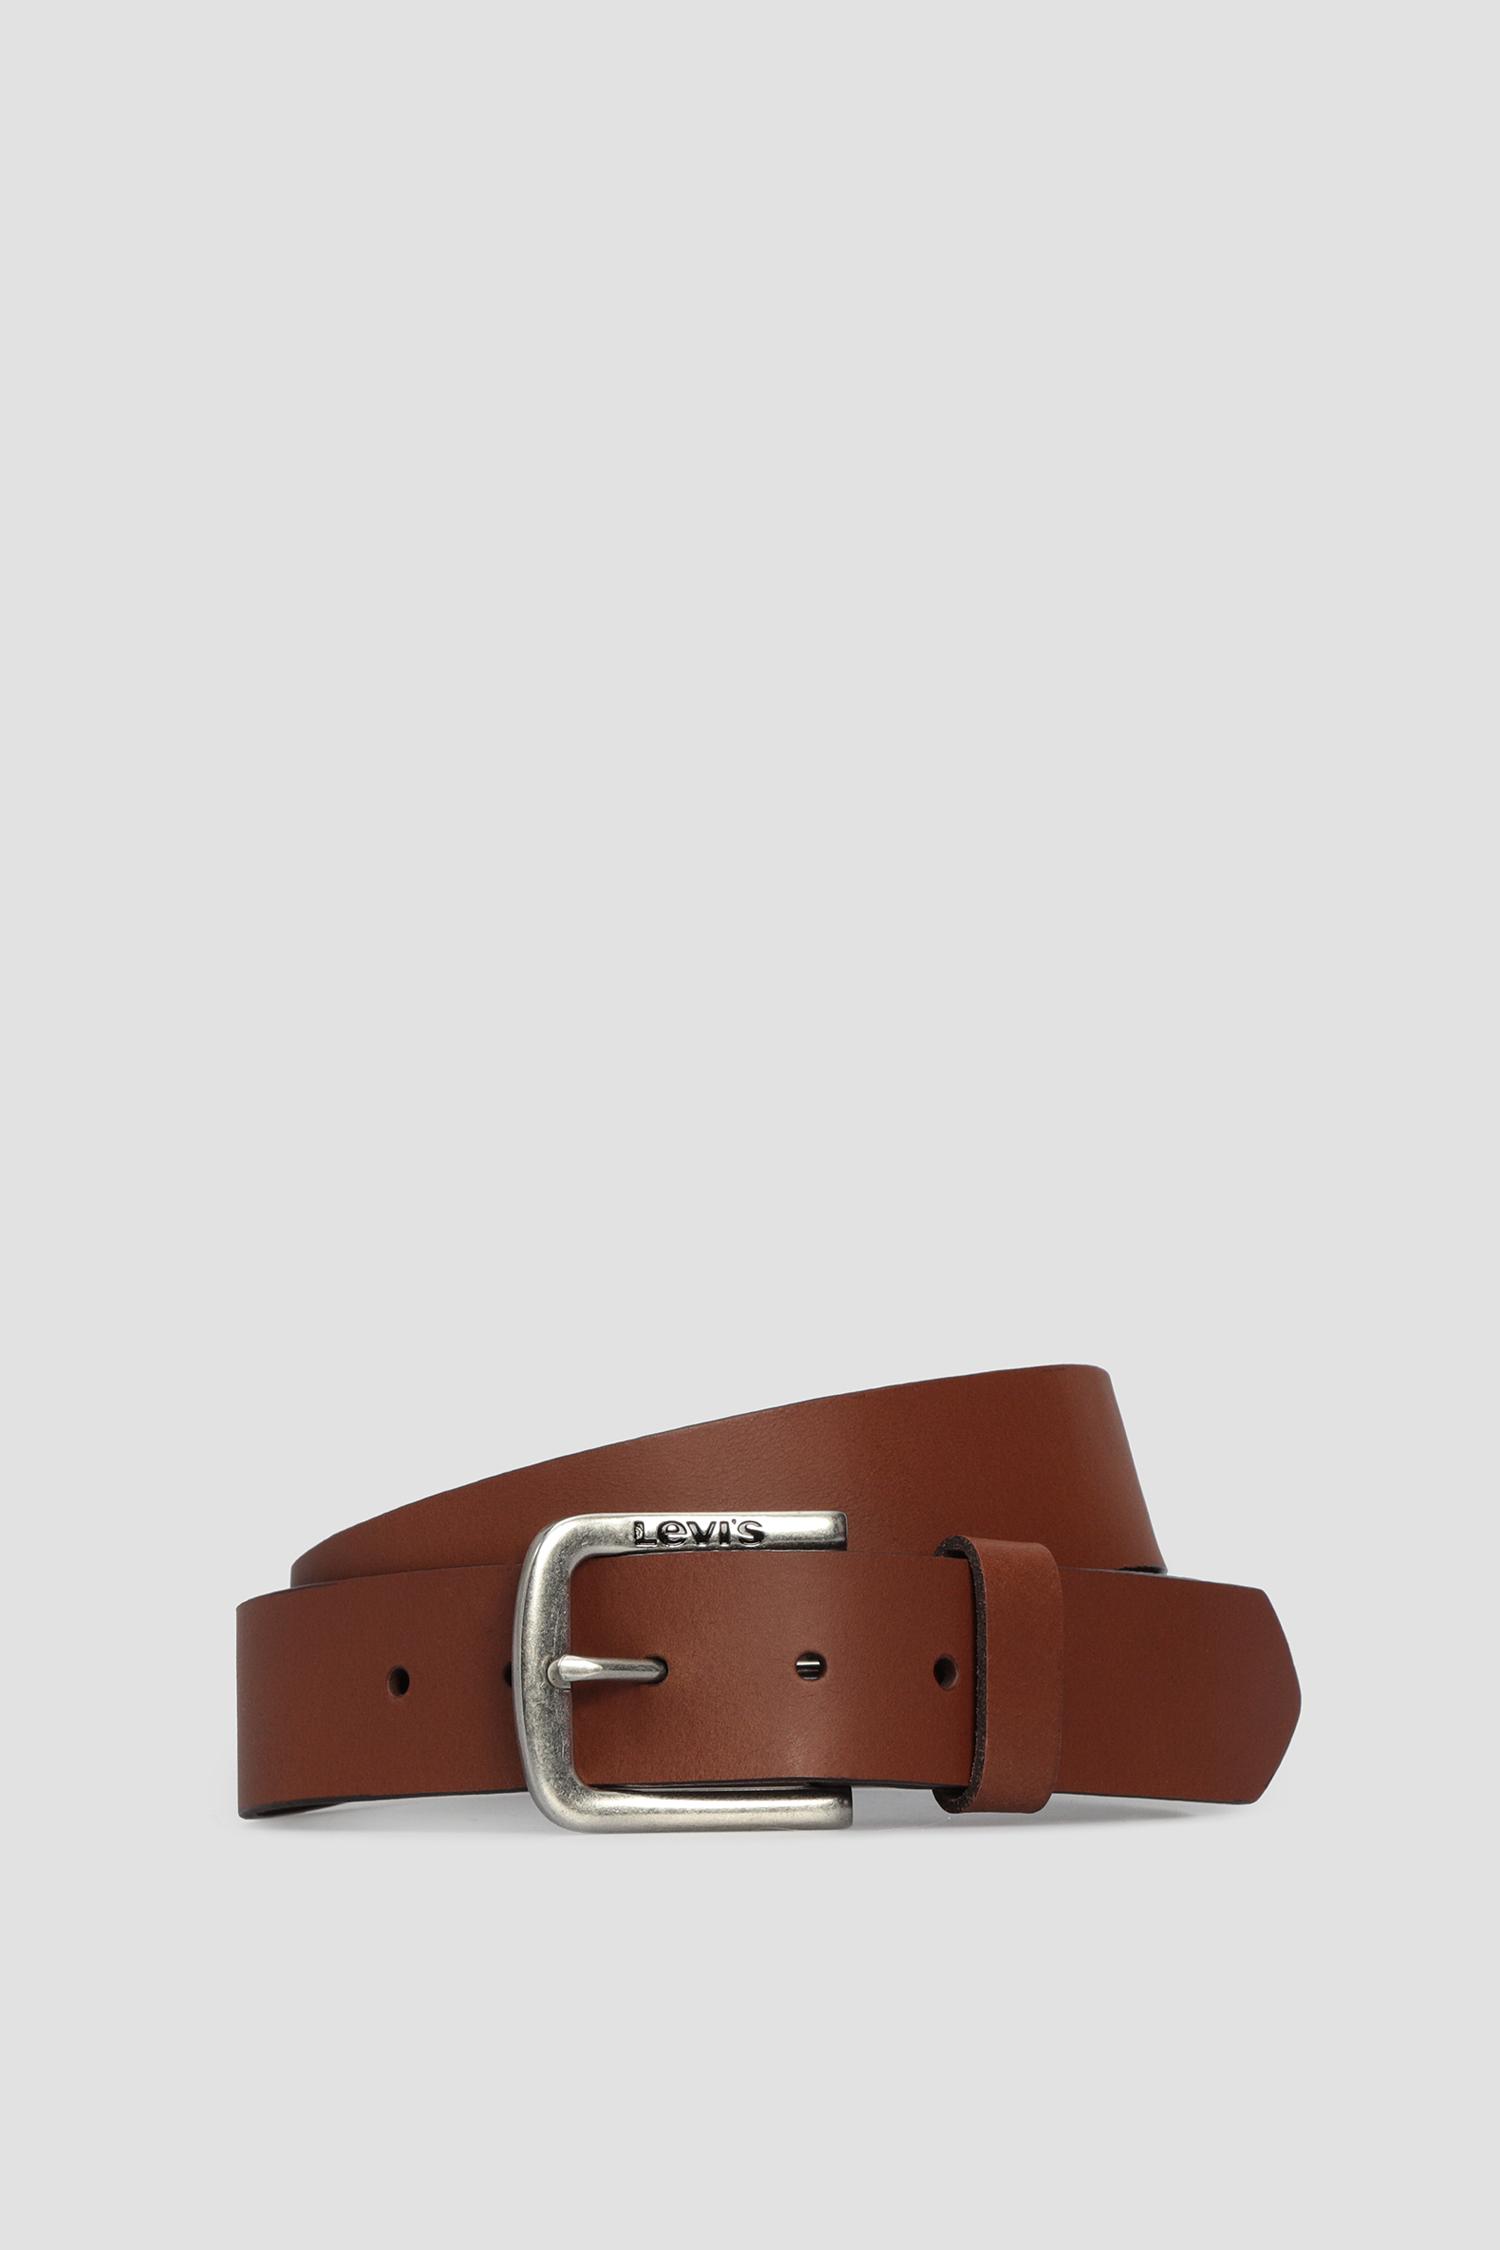 Мужской коричневый кожаный ремень Levi's 229108;3.27